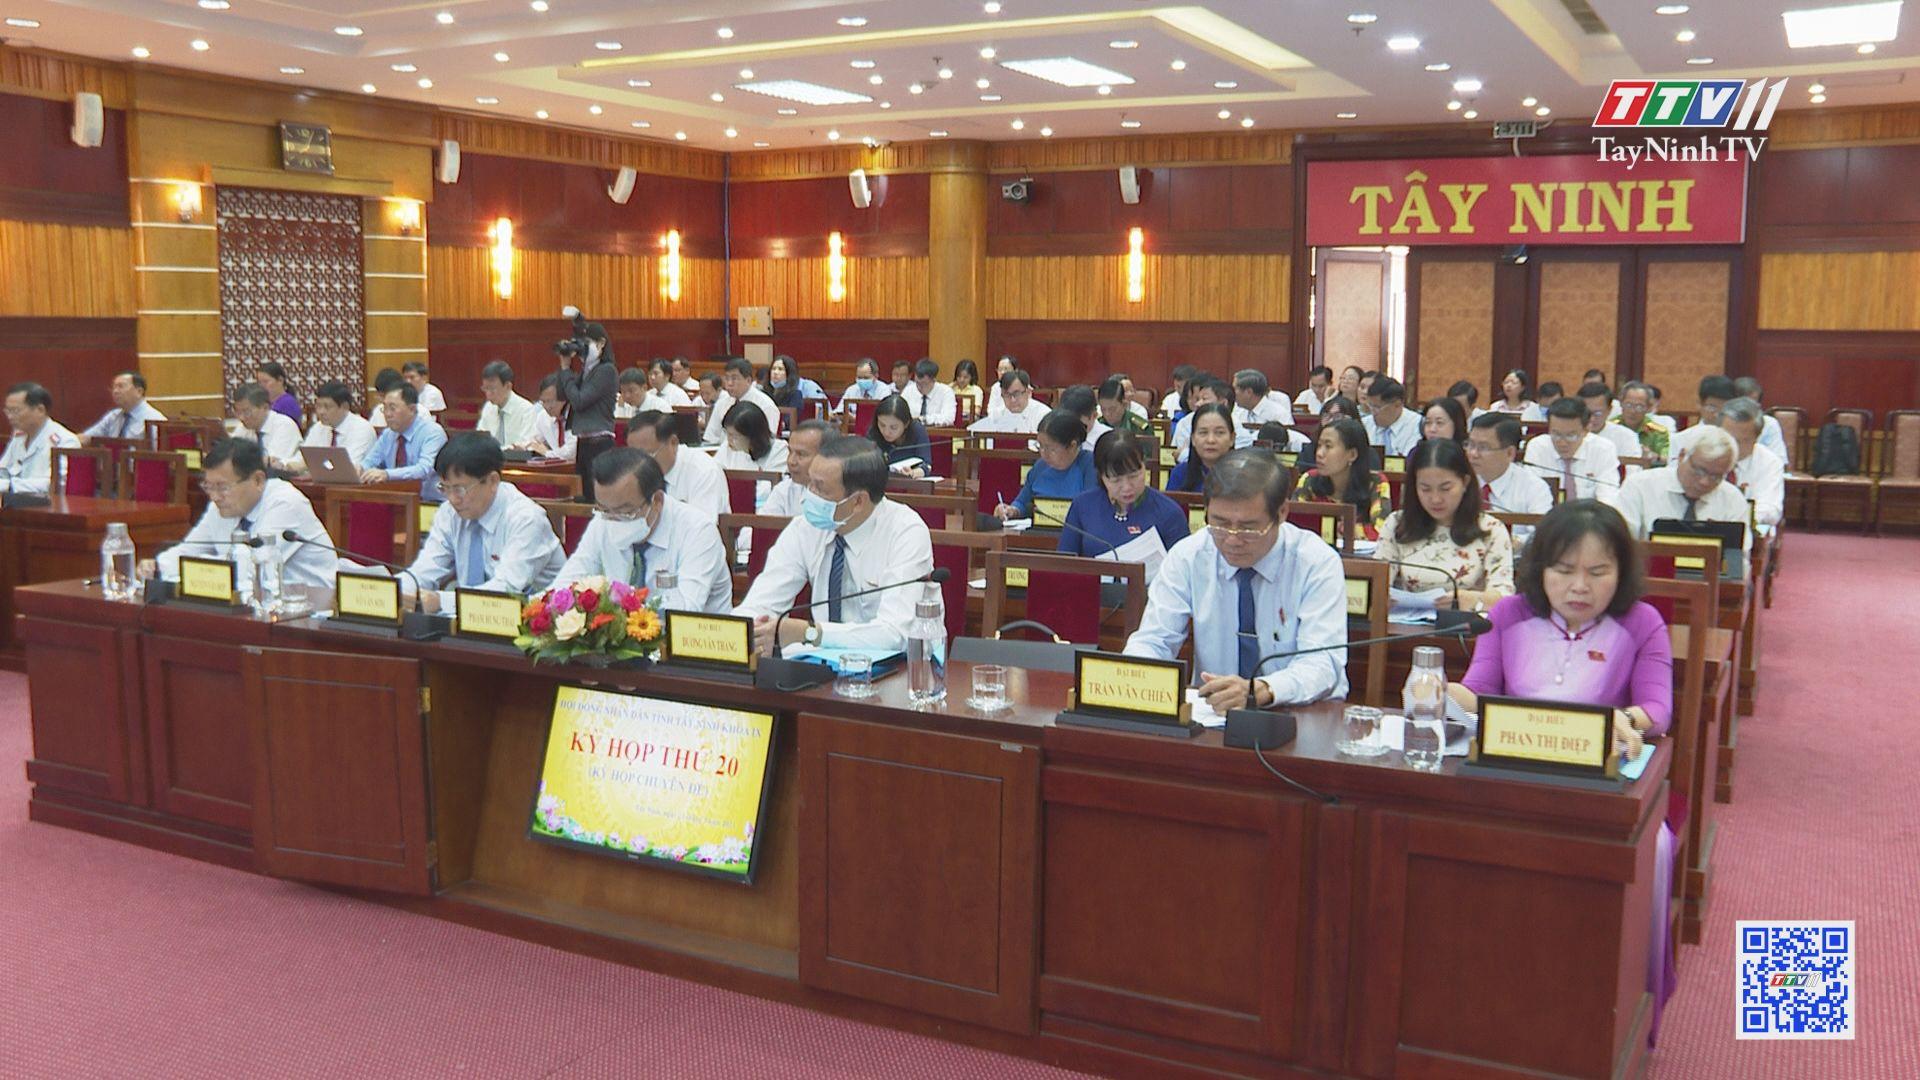 Kết quả hoạt động HĐND tỉnh Tây Ninh nhiệm kỳ 2016-2021 | TIẾNG NÓI CỬ TRI | TayNinhTV